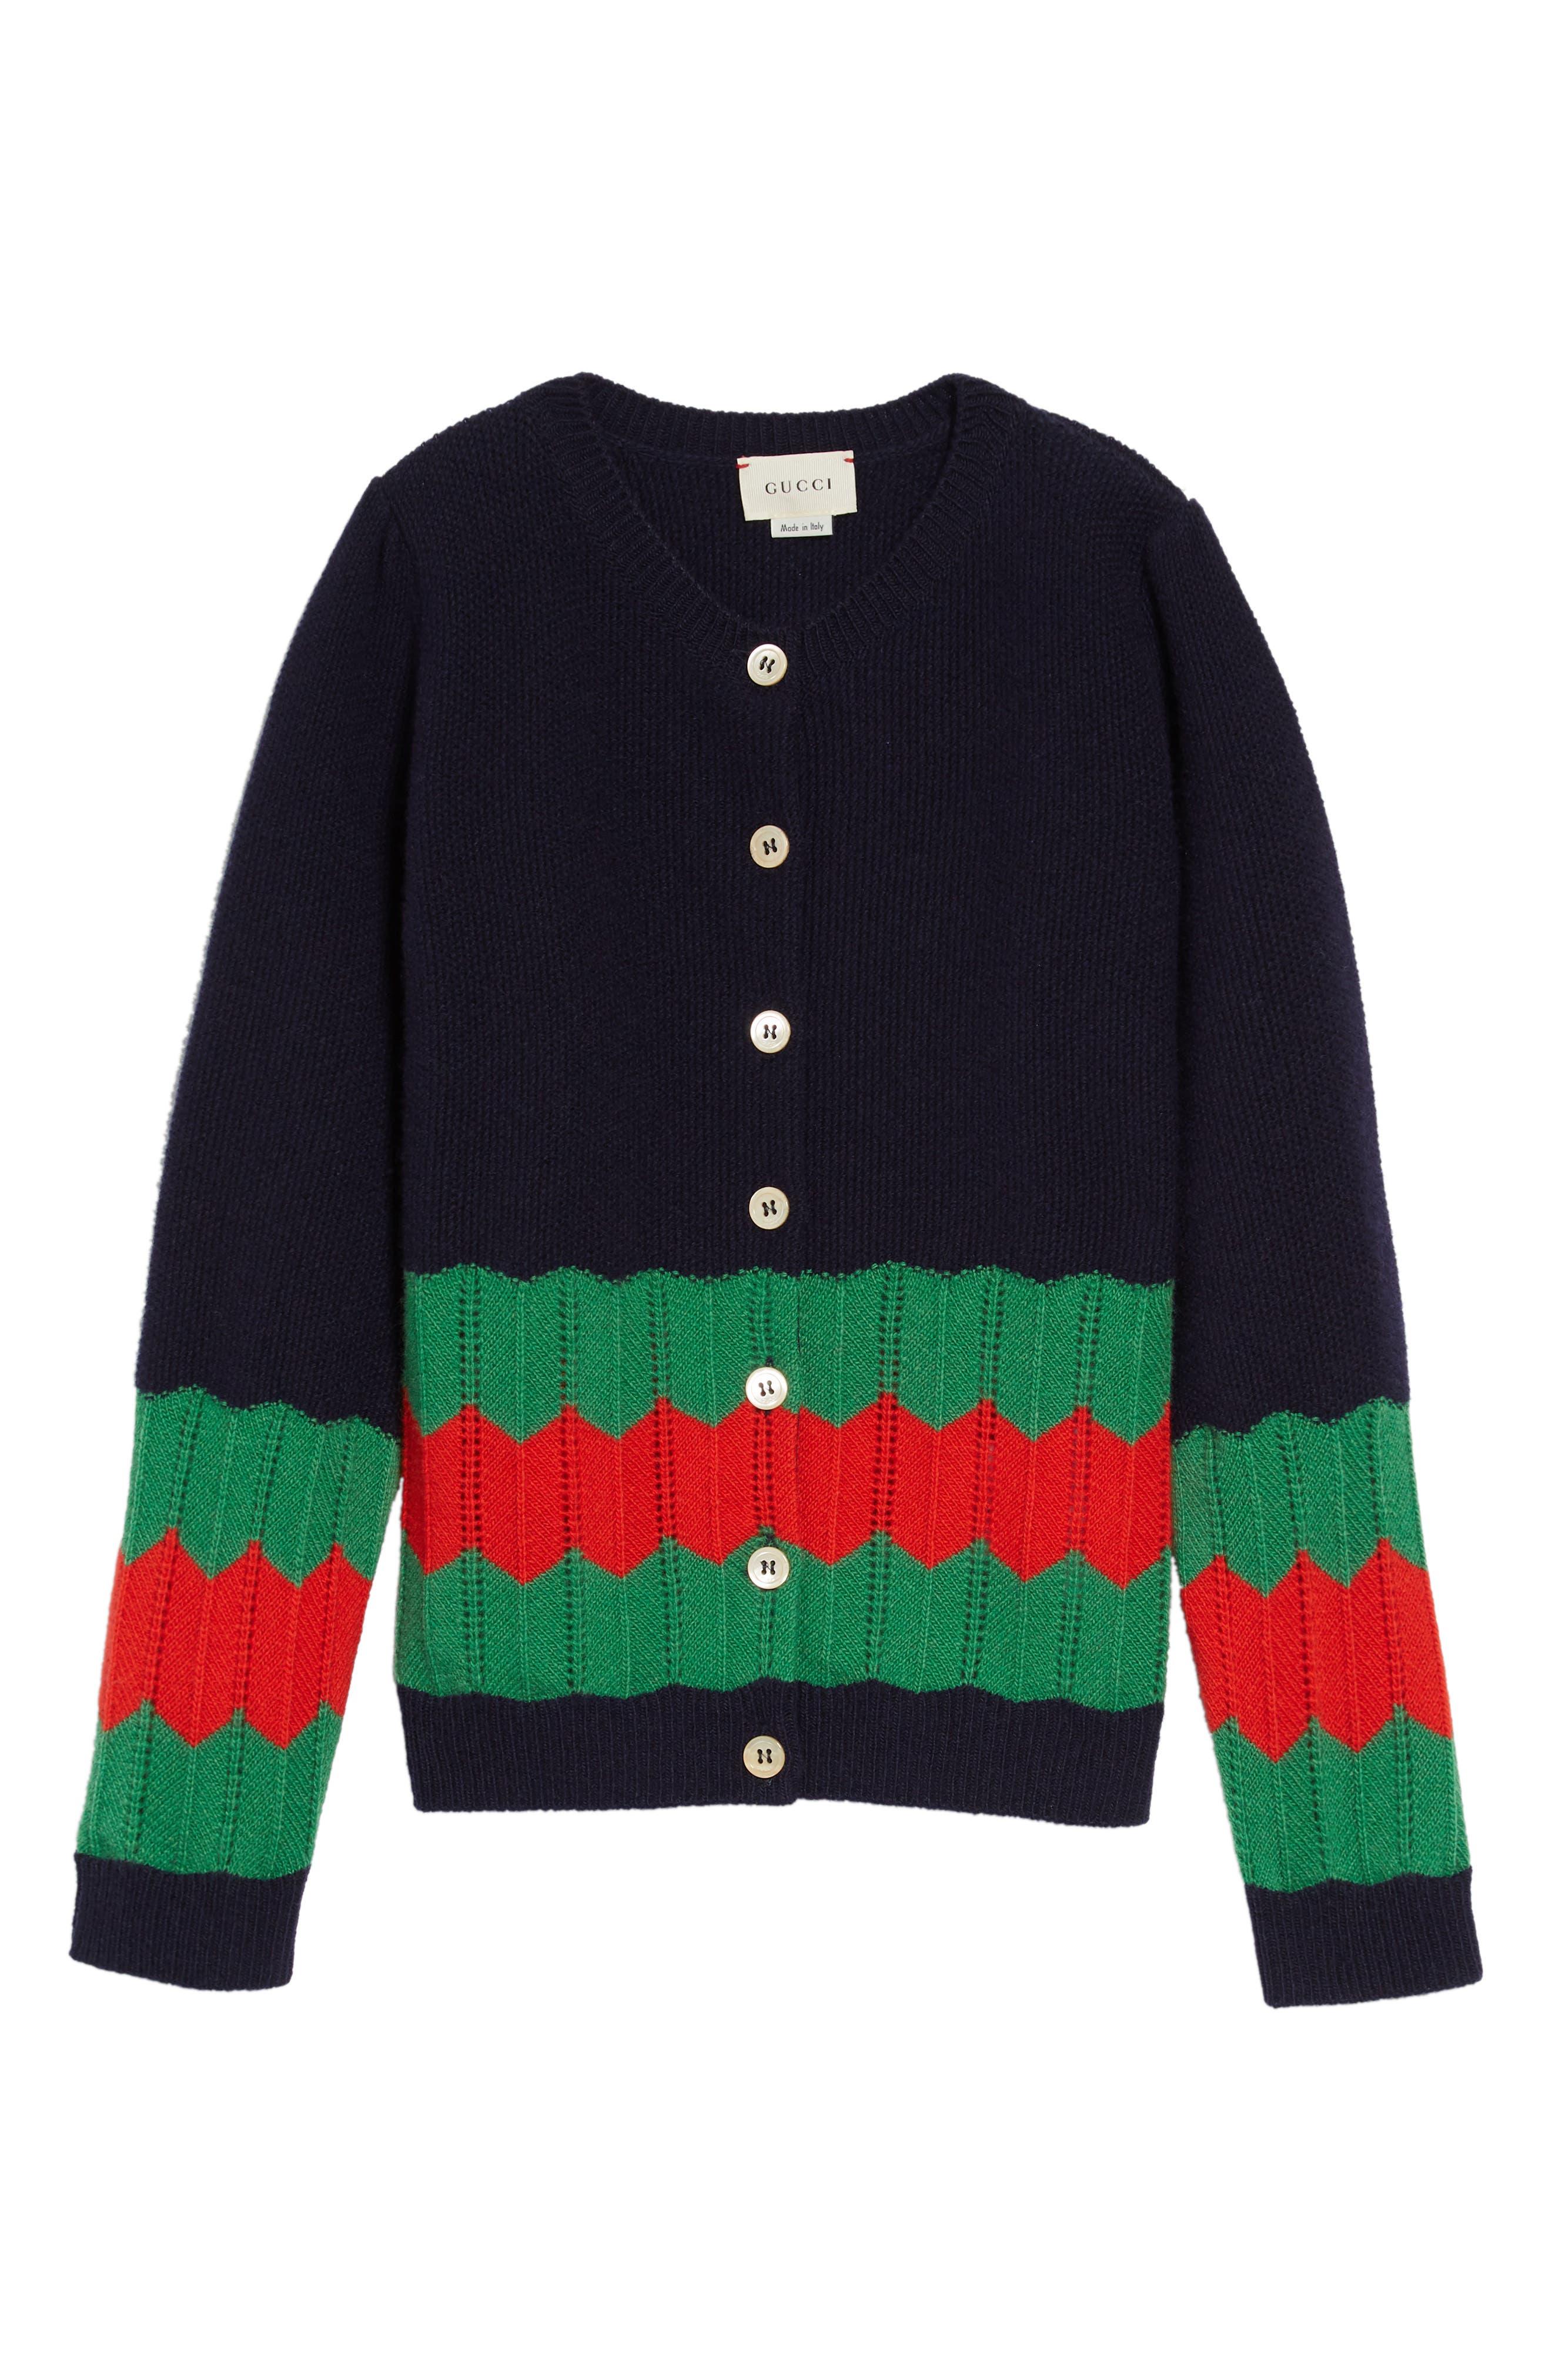 Girls Gucci Wool Knit Cardigan Size 8Y  Blue